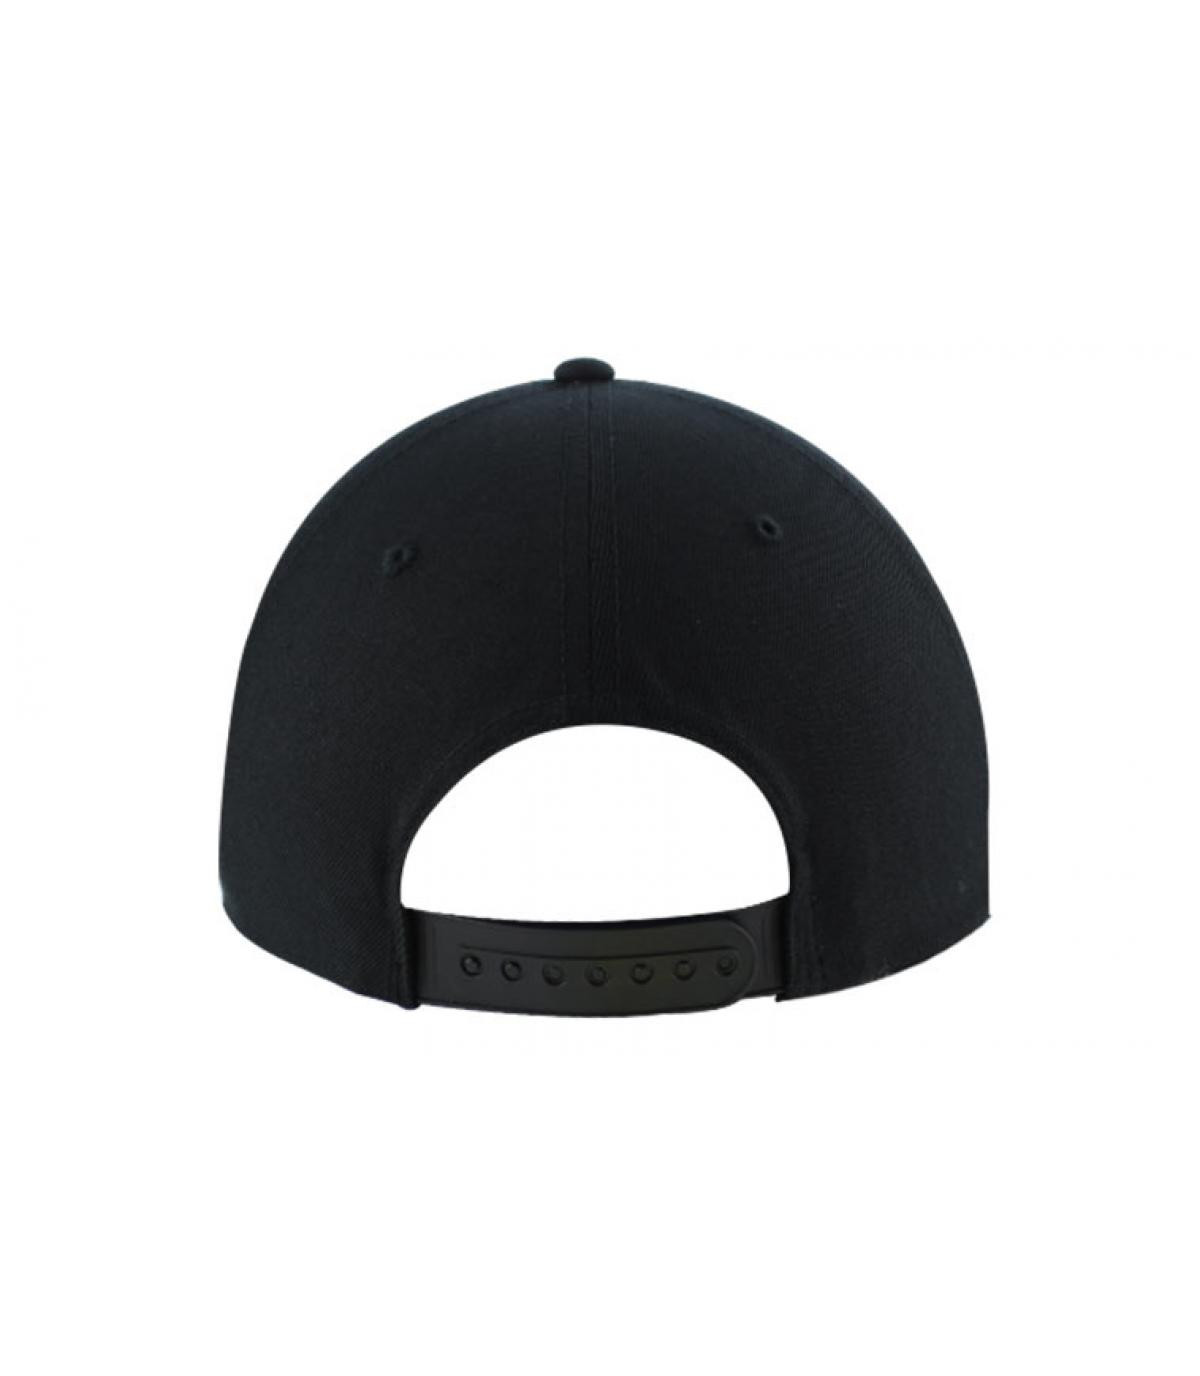 Détails Snapback blanc noir visiere cuir - image 2